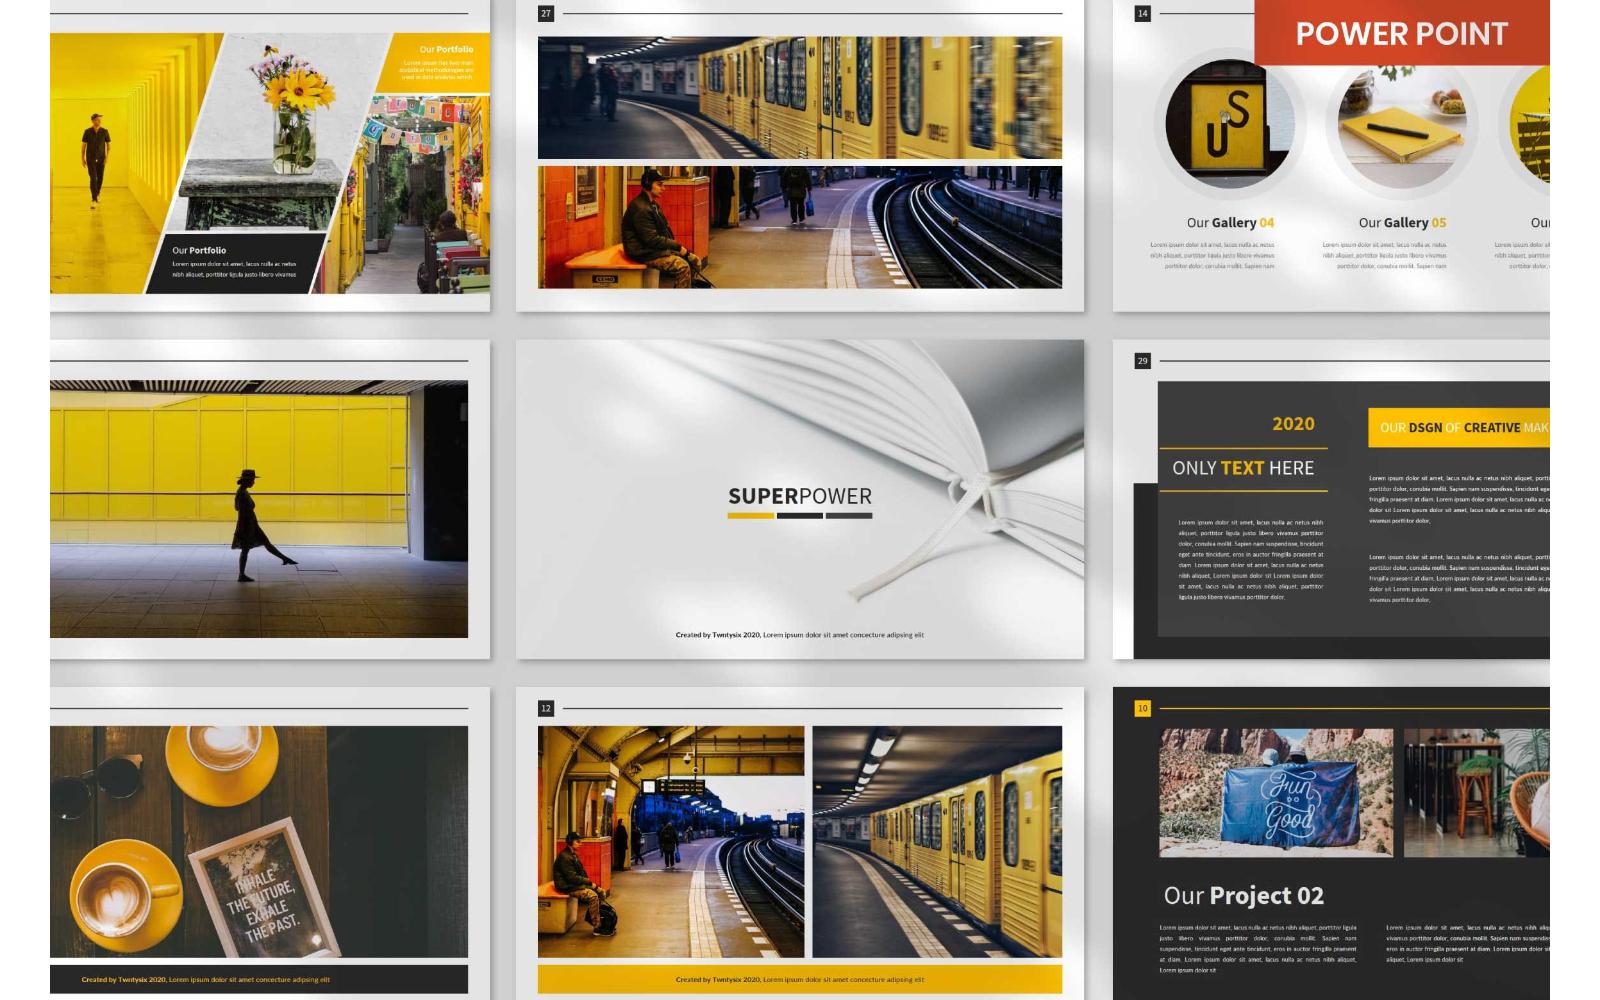 SuperPower PowerPoint Presentation Template